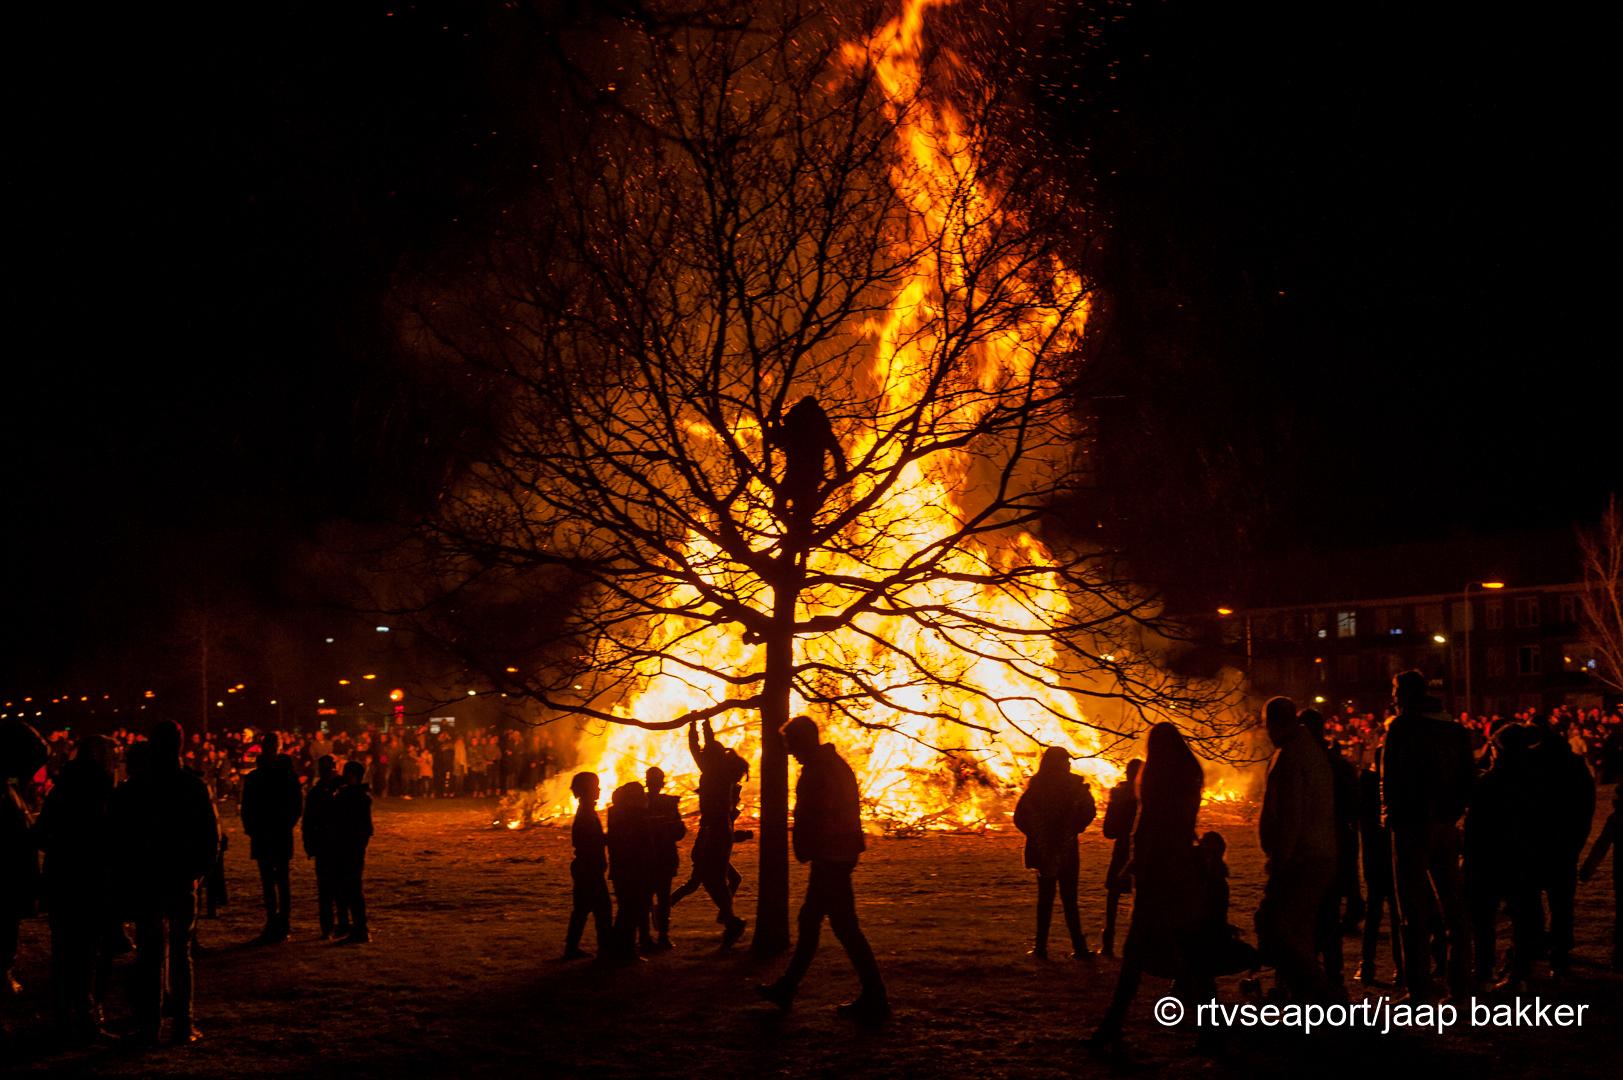 Kerstboomverbranding Velsen (12)